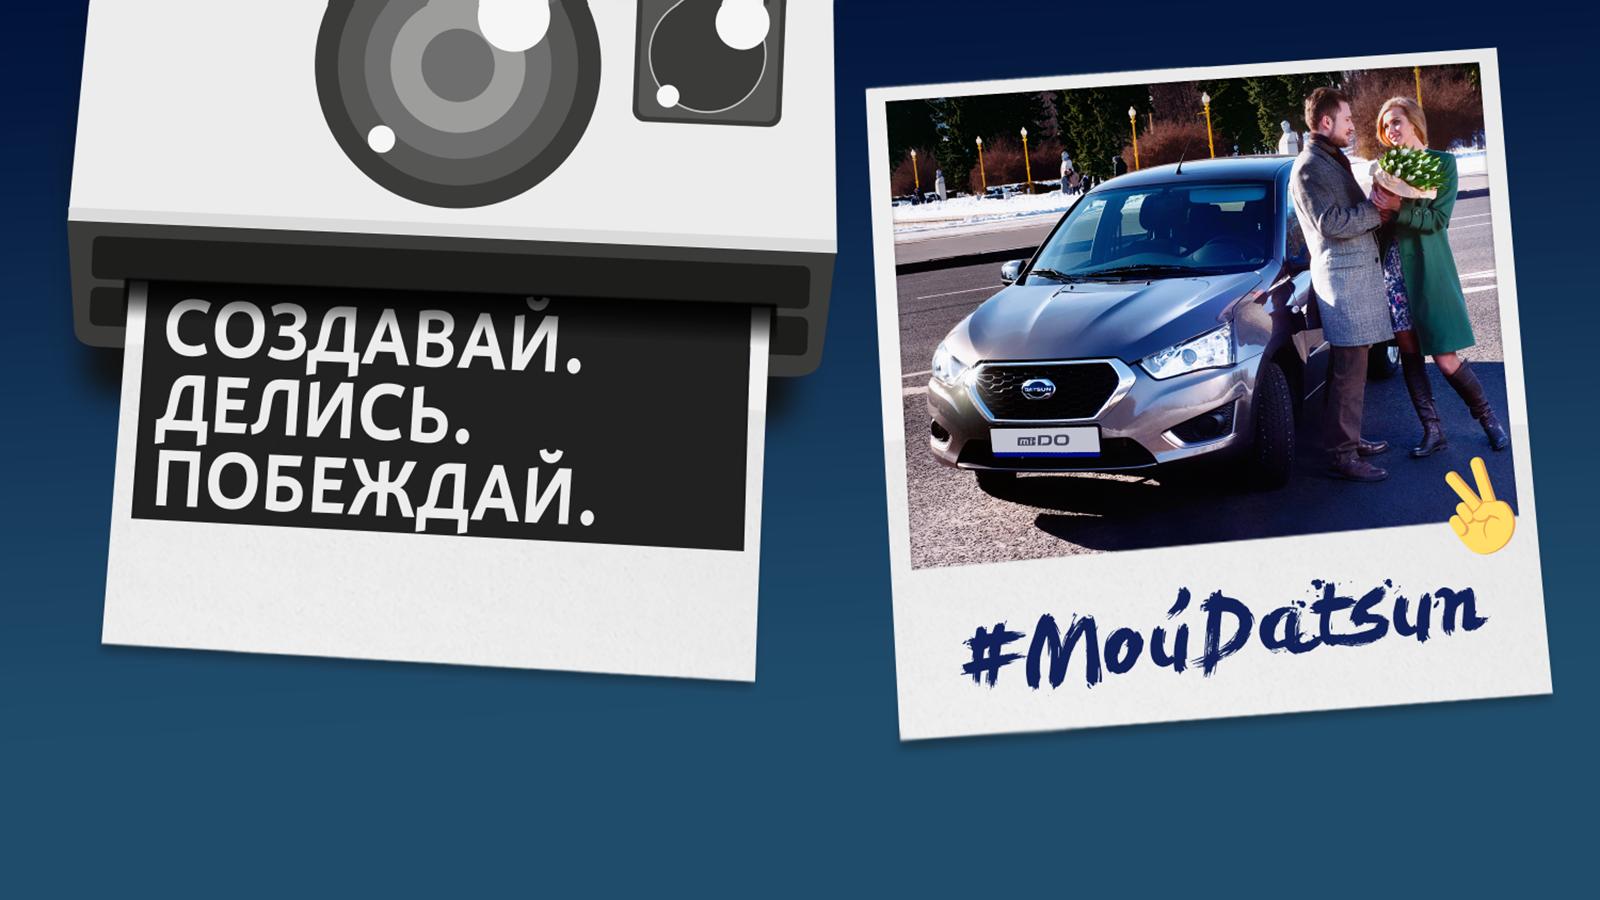 Desktop-Hero-image_Russian-2.png.ximg.l_full_m.smart